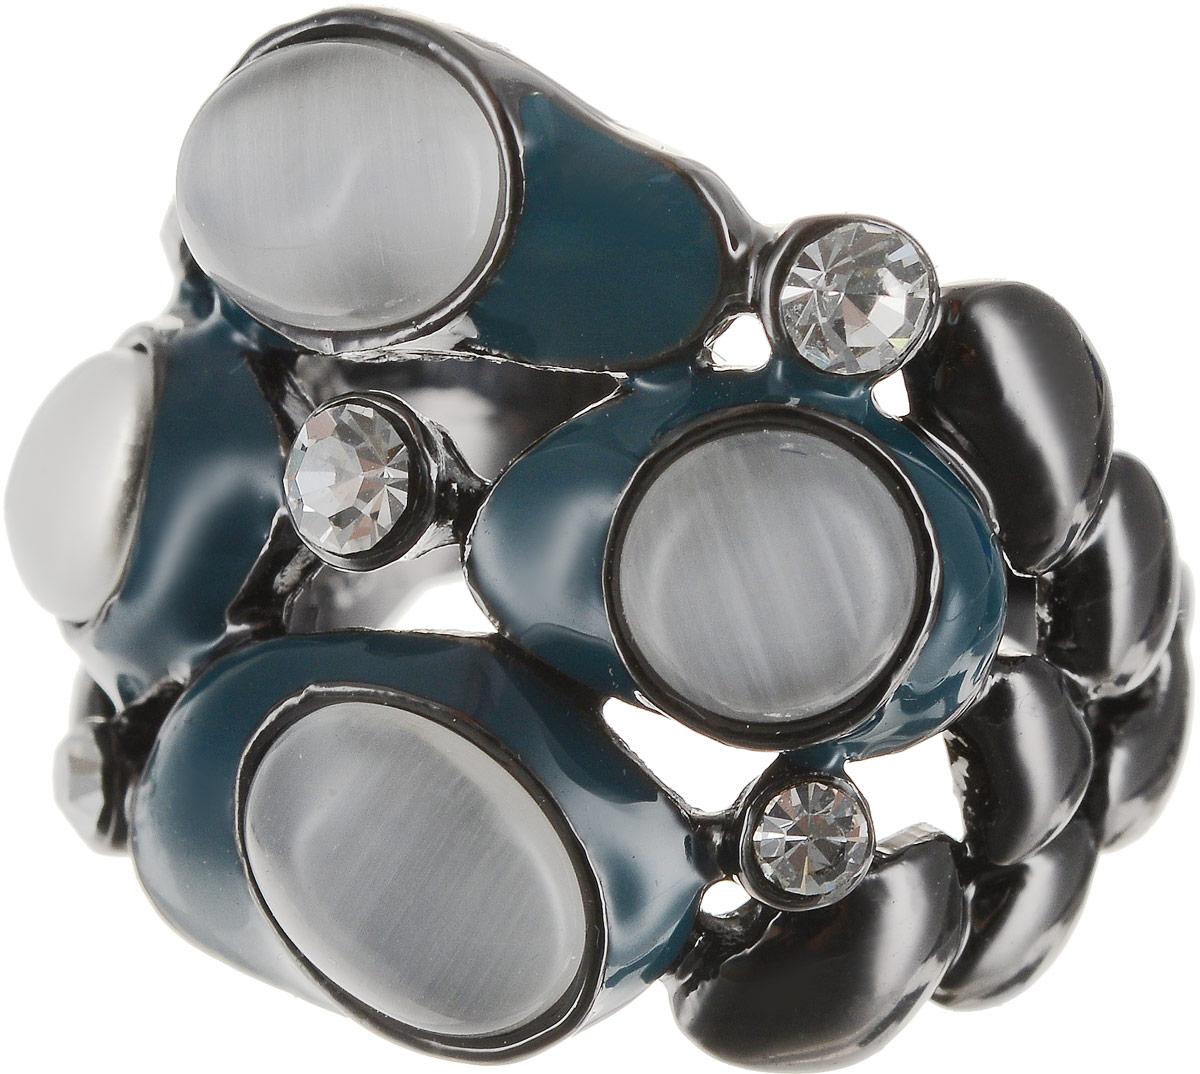 Кольцо Art-Silver, цвет: антрацитовый, серый, темно-бирюзовый. 066762-904-586. Размер 19Коктейльное кольцоВеликолепное кольцо Art-Silver изготовлено из бижутерного сплава. Изделие дополнено цирконами, натуральными камнями кошачий глаз и вставками из эмали.Стильное кольцо придаст вашему образу изюминку и подчеркнет индивидуальность.